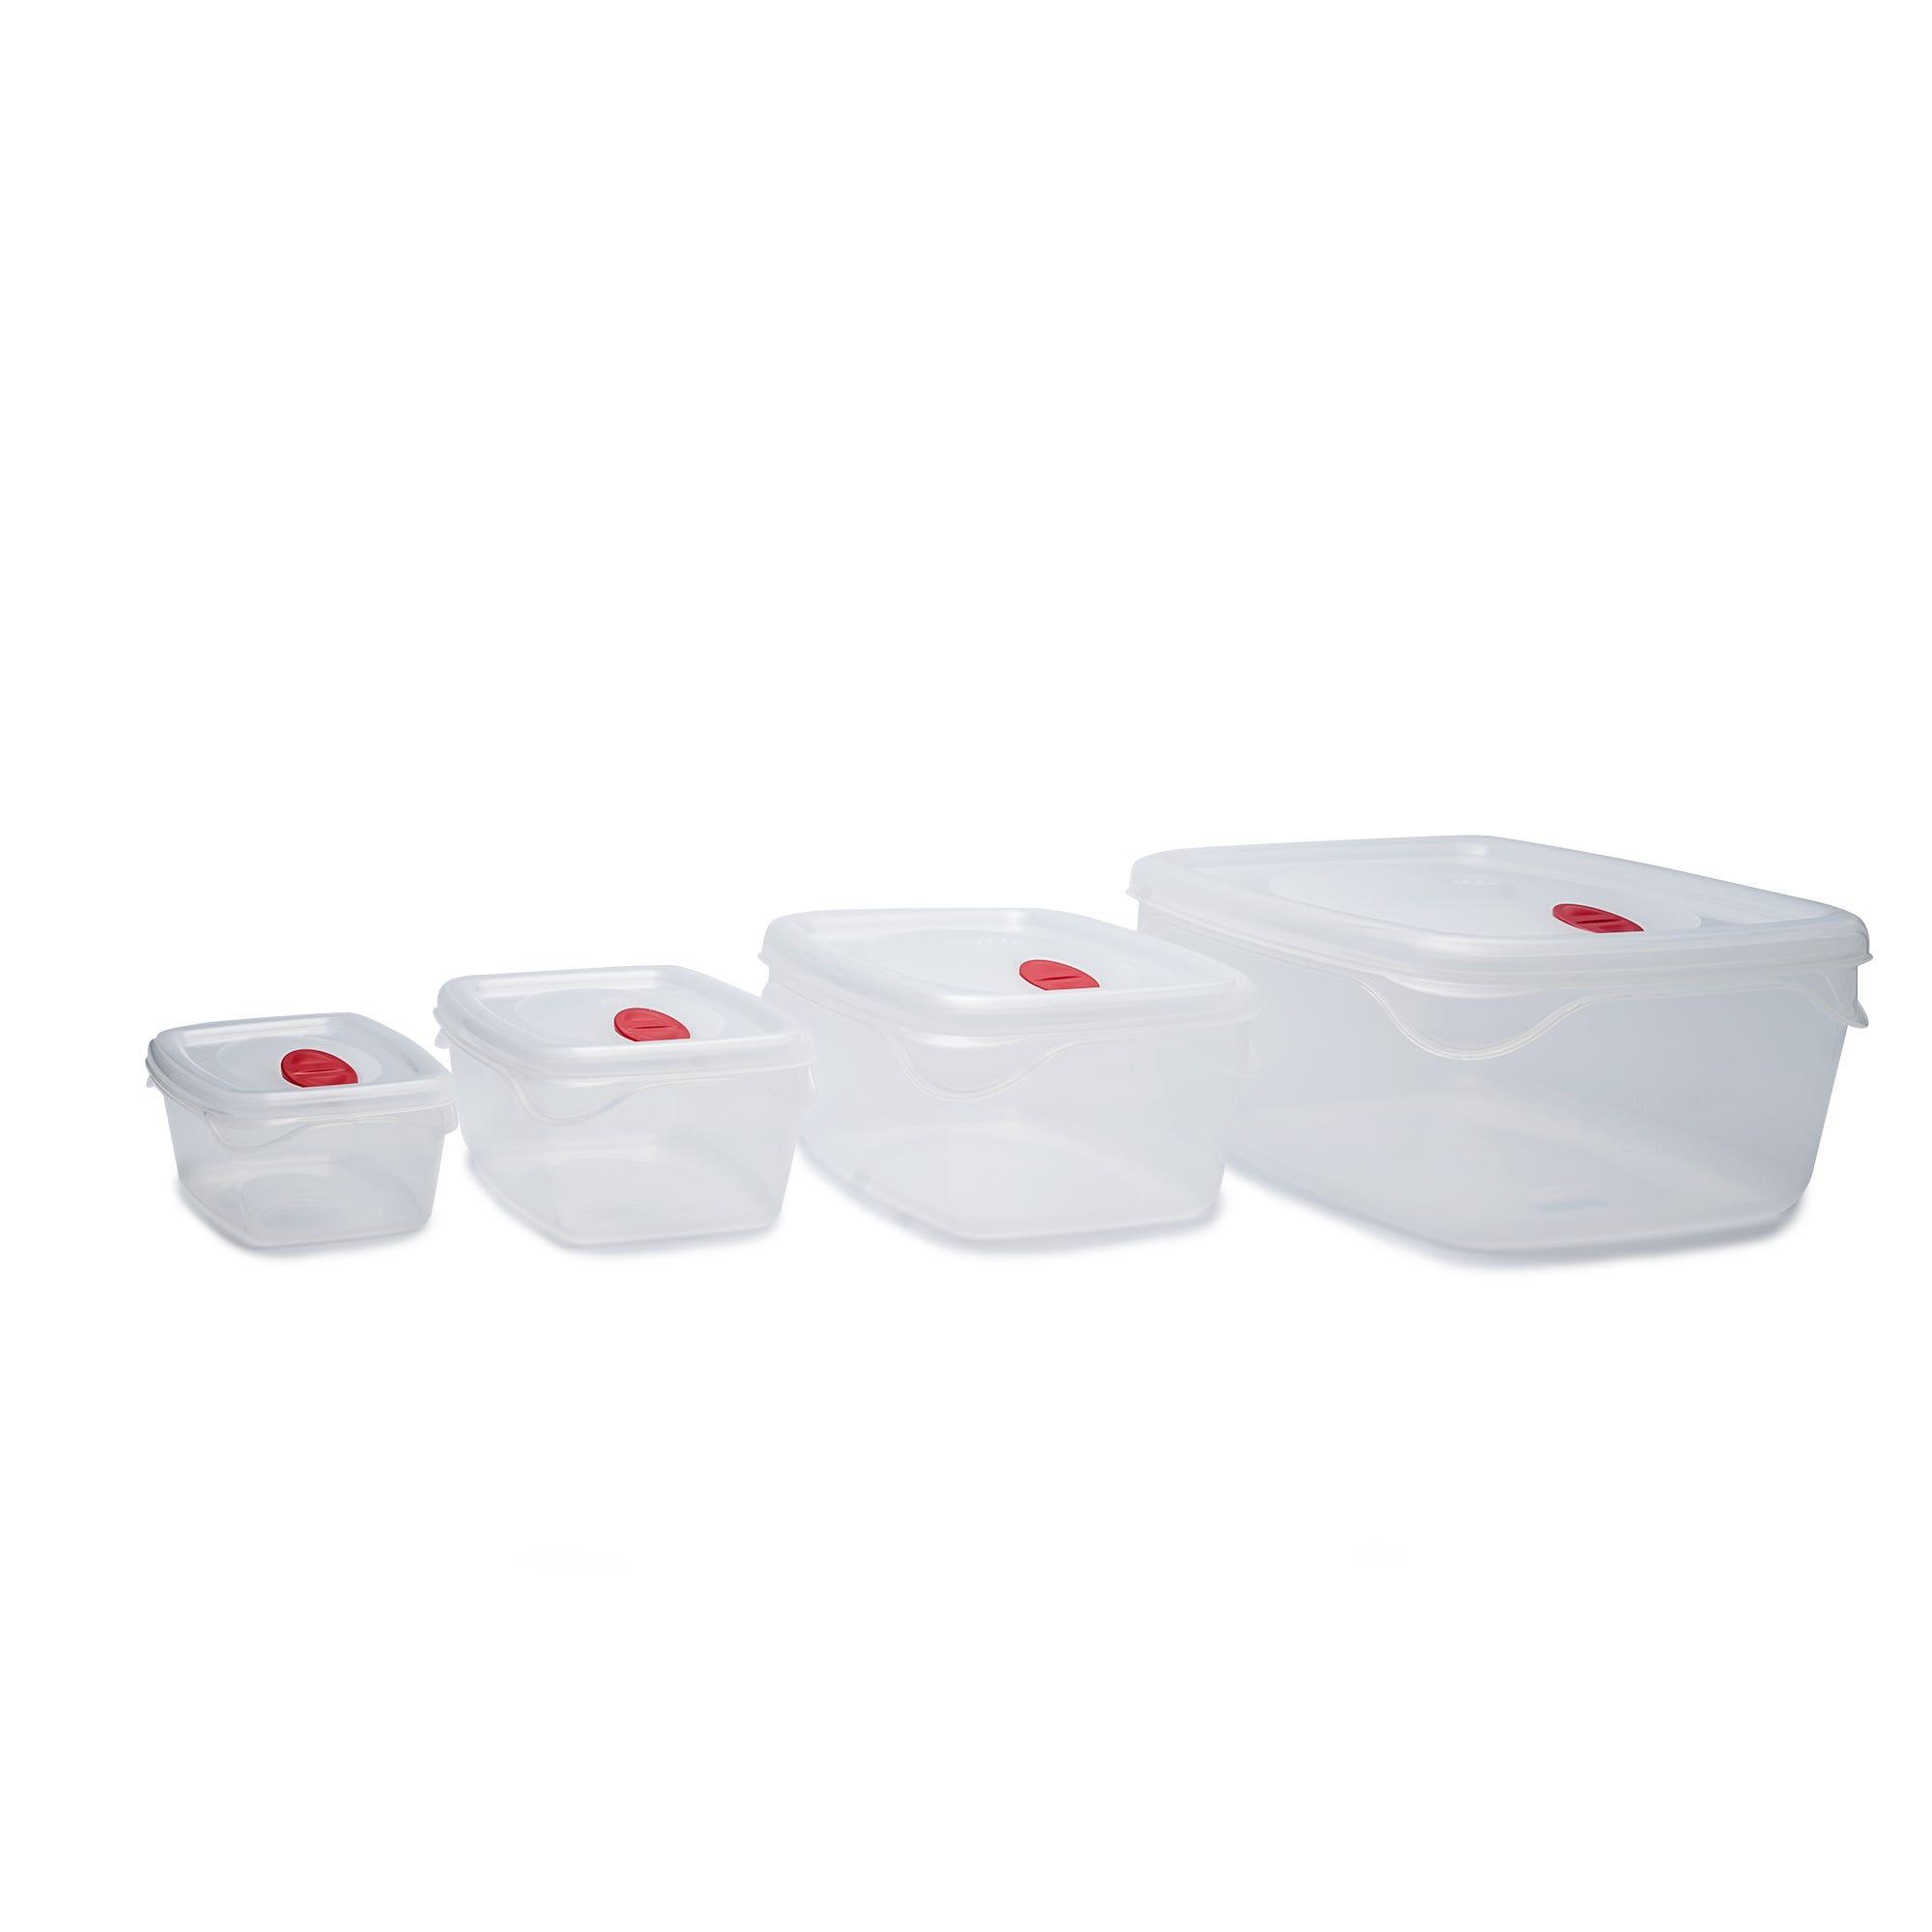 Set de contenedores rectangulares, Bama 8 piezas